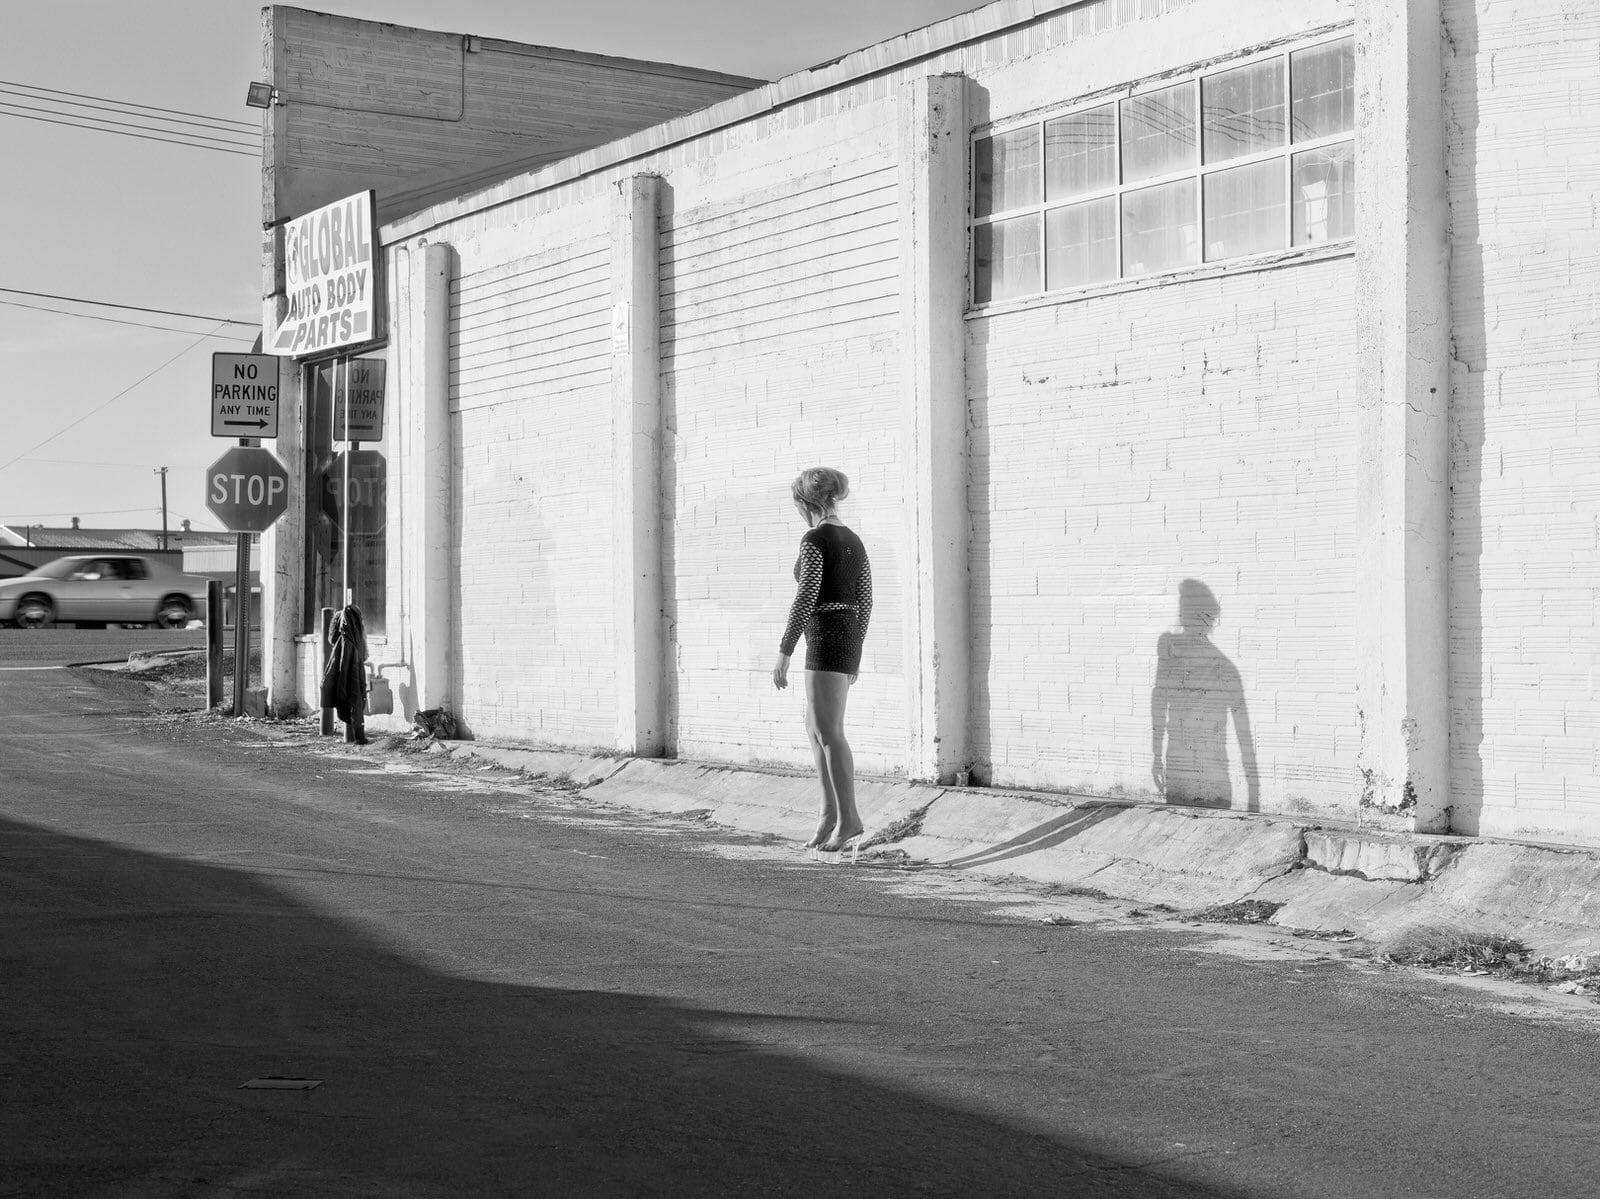 363_Grannan_Inessa waits Modesto CA_2012